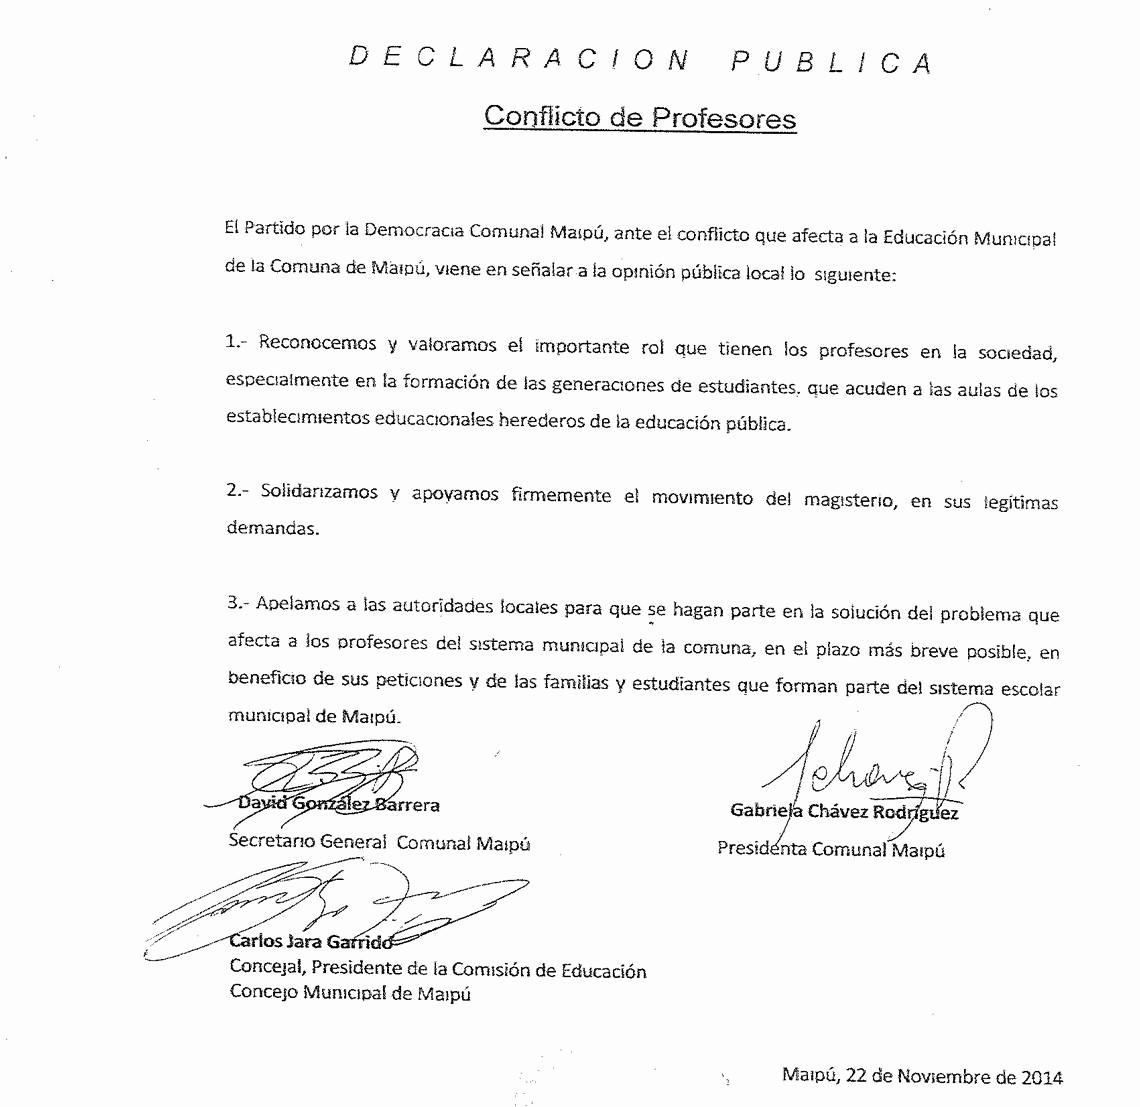 Carta Dirigida A Una Autoridad Fresh Ppd Maipú Se Pronuncia sobre Movilización De Profesores Y